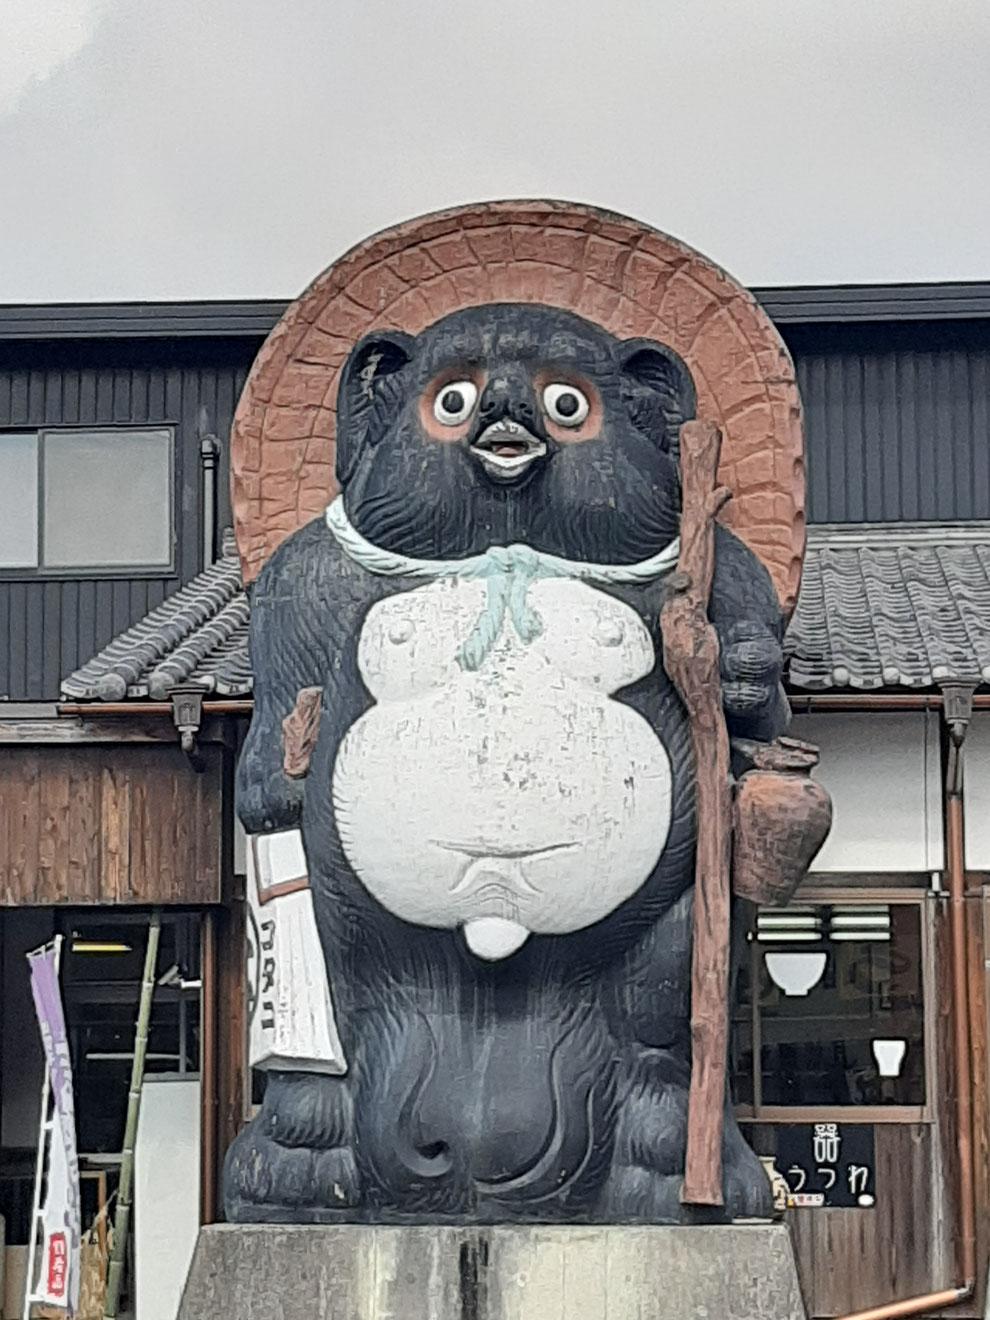 八相縁喜の大きな狸さま 京都観光タクシー 英語通訳ガイド 永田信明